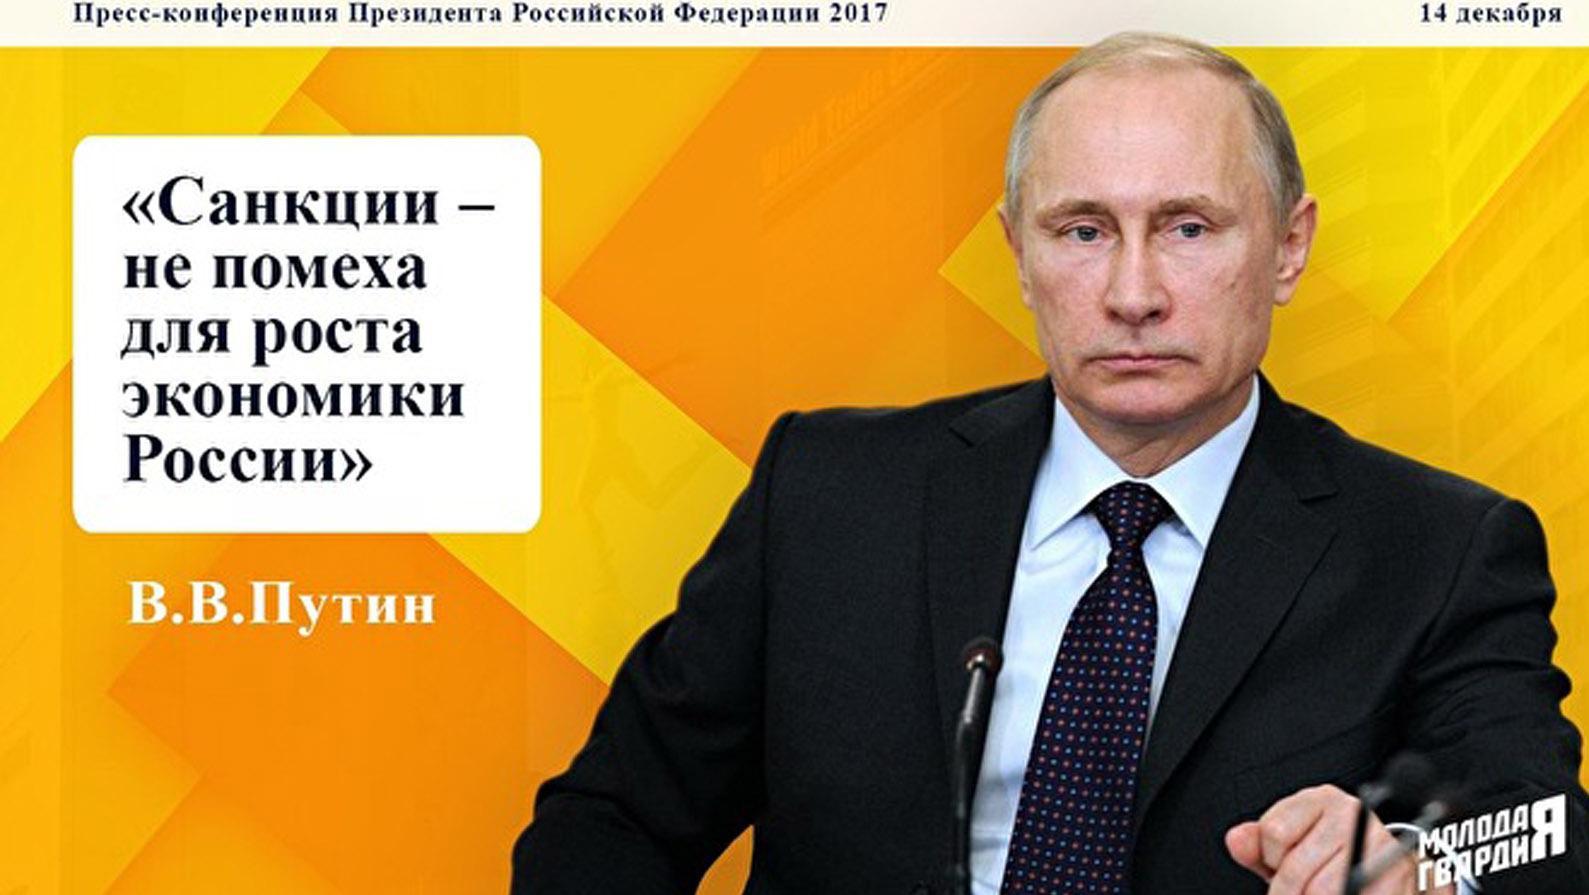 Во VK.COM взломали аккаунты умерших людей для поддержки В. Путина